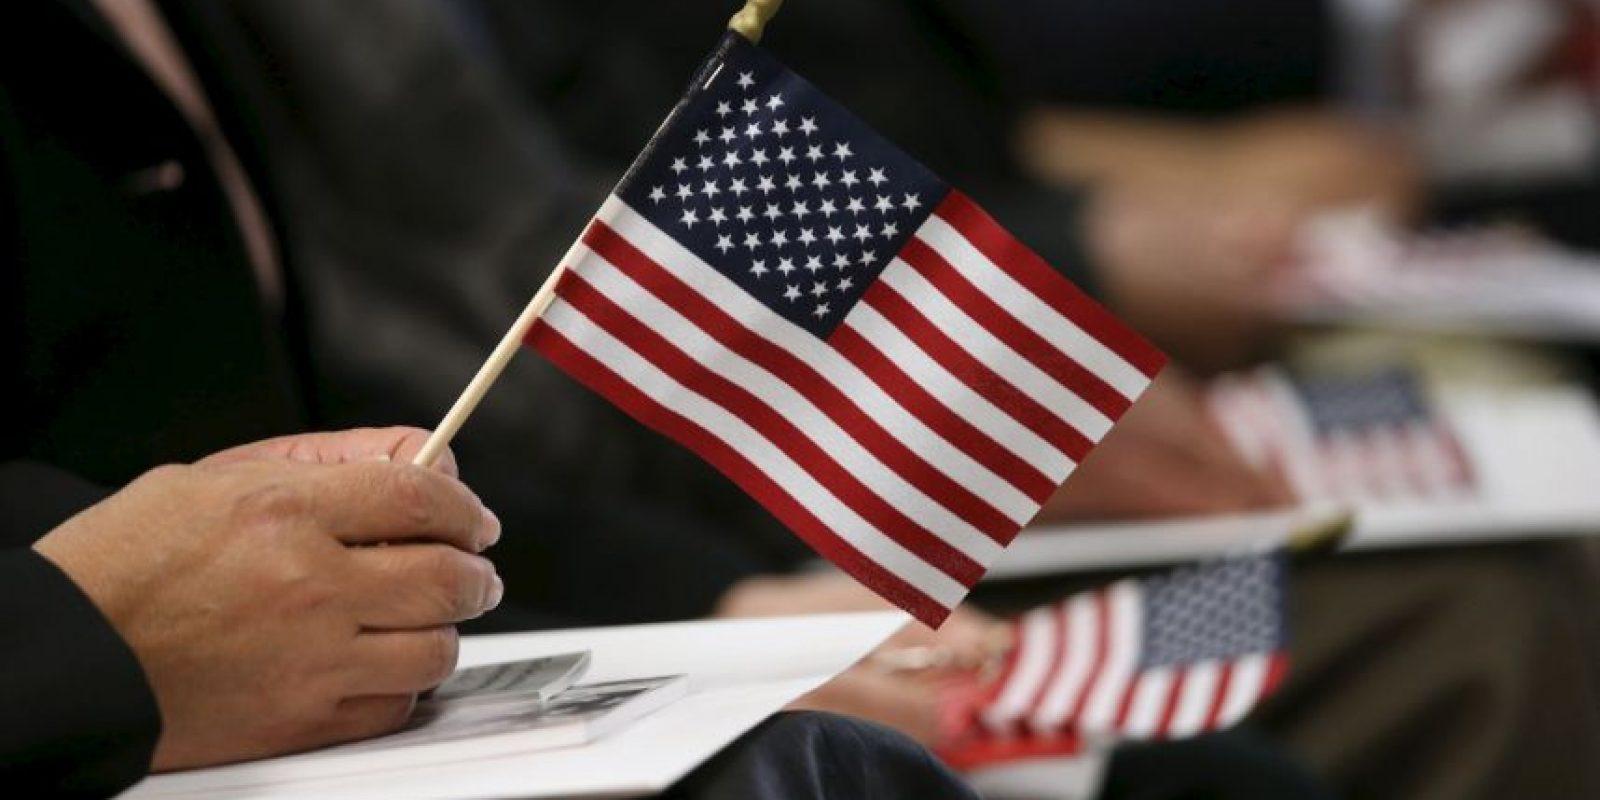 La Corte Federal de Apelaciones del Quinto Circuito, en Nueva Orleans, Estados Unidos, decidió ayer mantener la suspensión a la Orden Ejecutiva del presidente Barack Obama. Foto:Getty Images